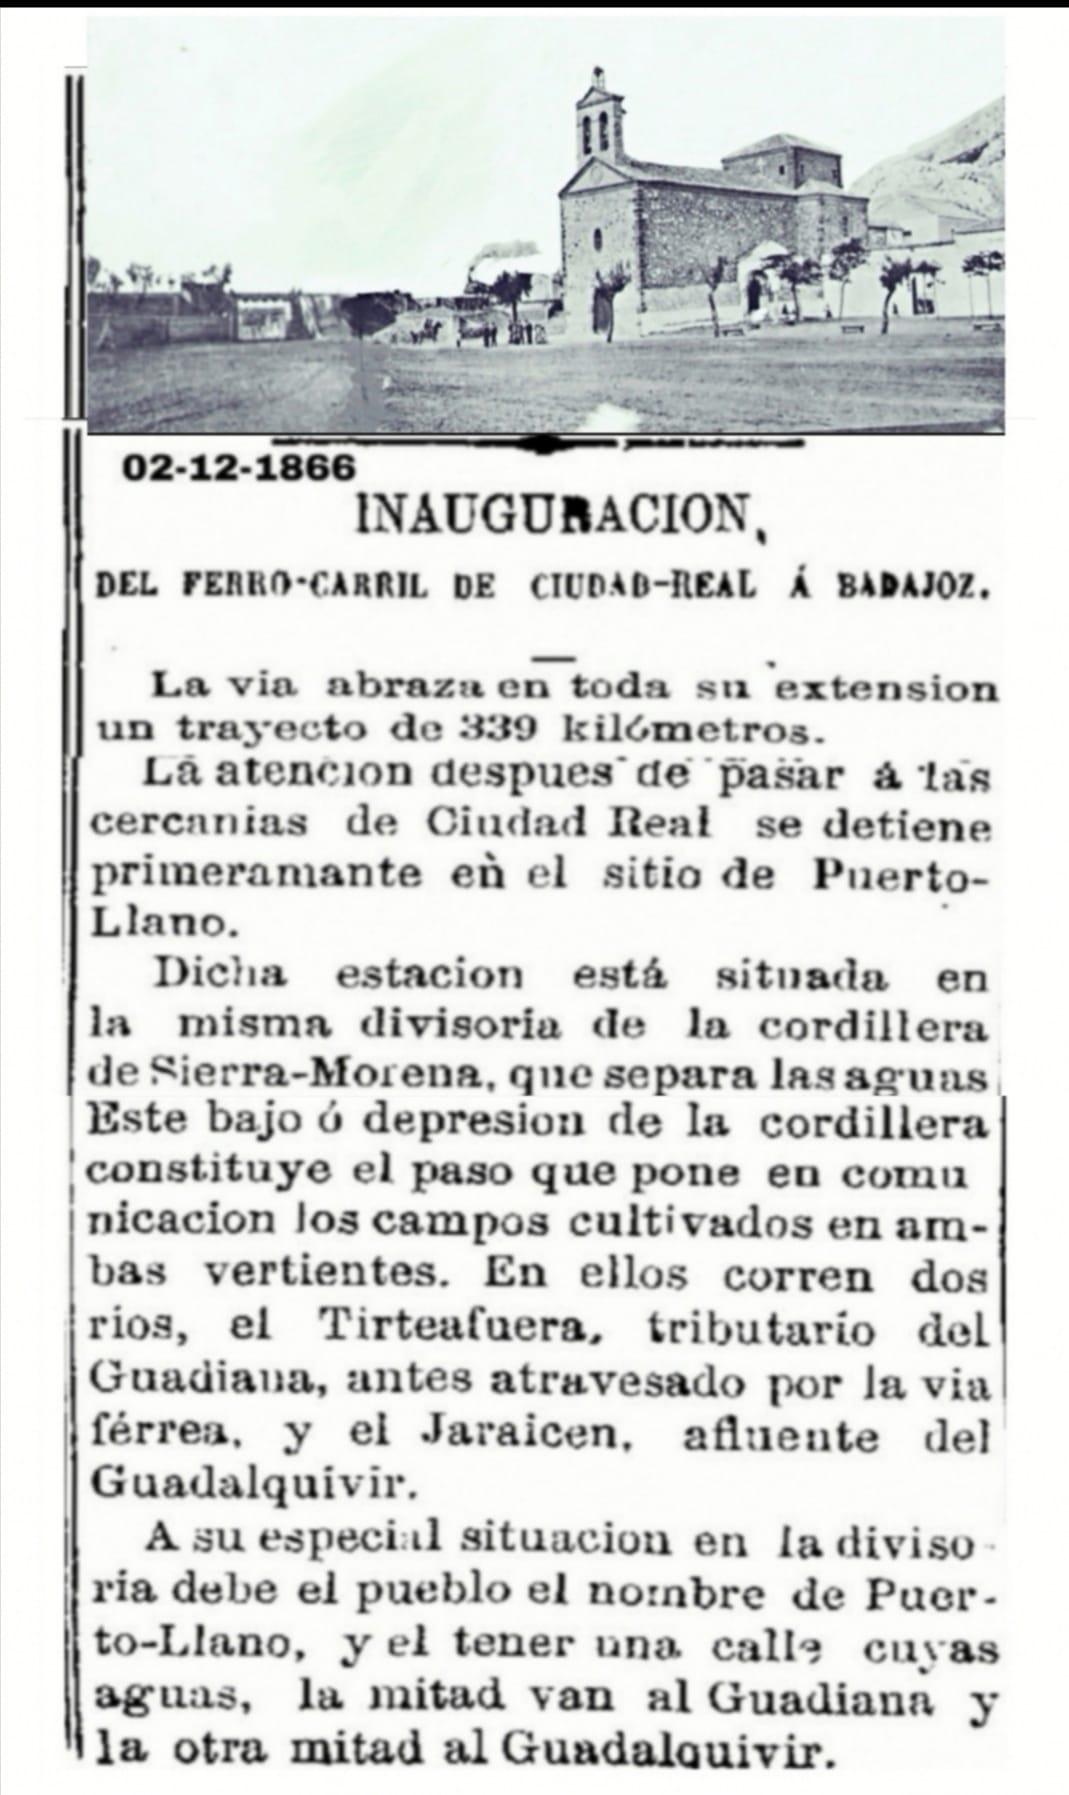 Primera parada del ferrocarril Ciudad Real-Badajoz en Puertollano.